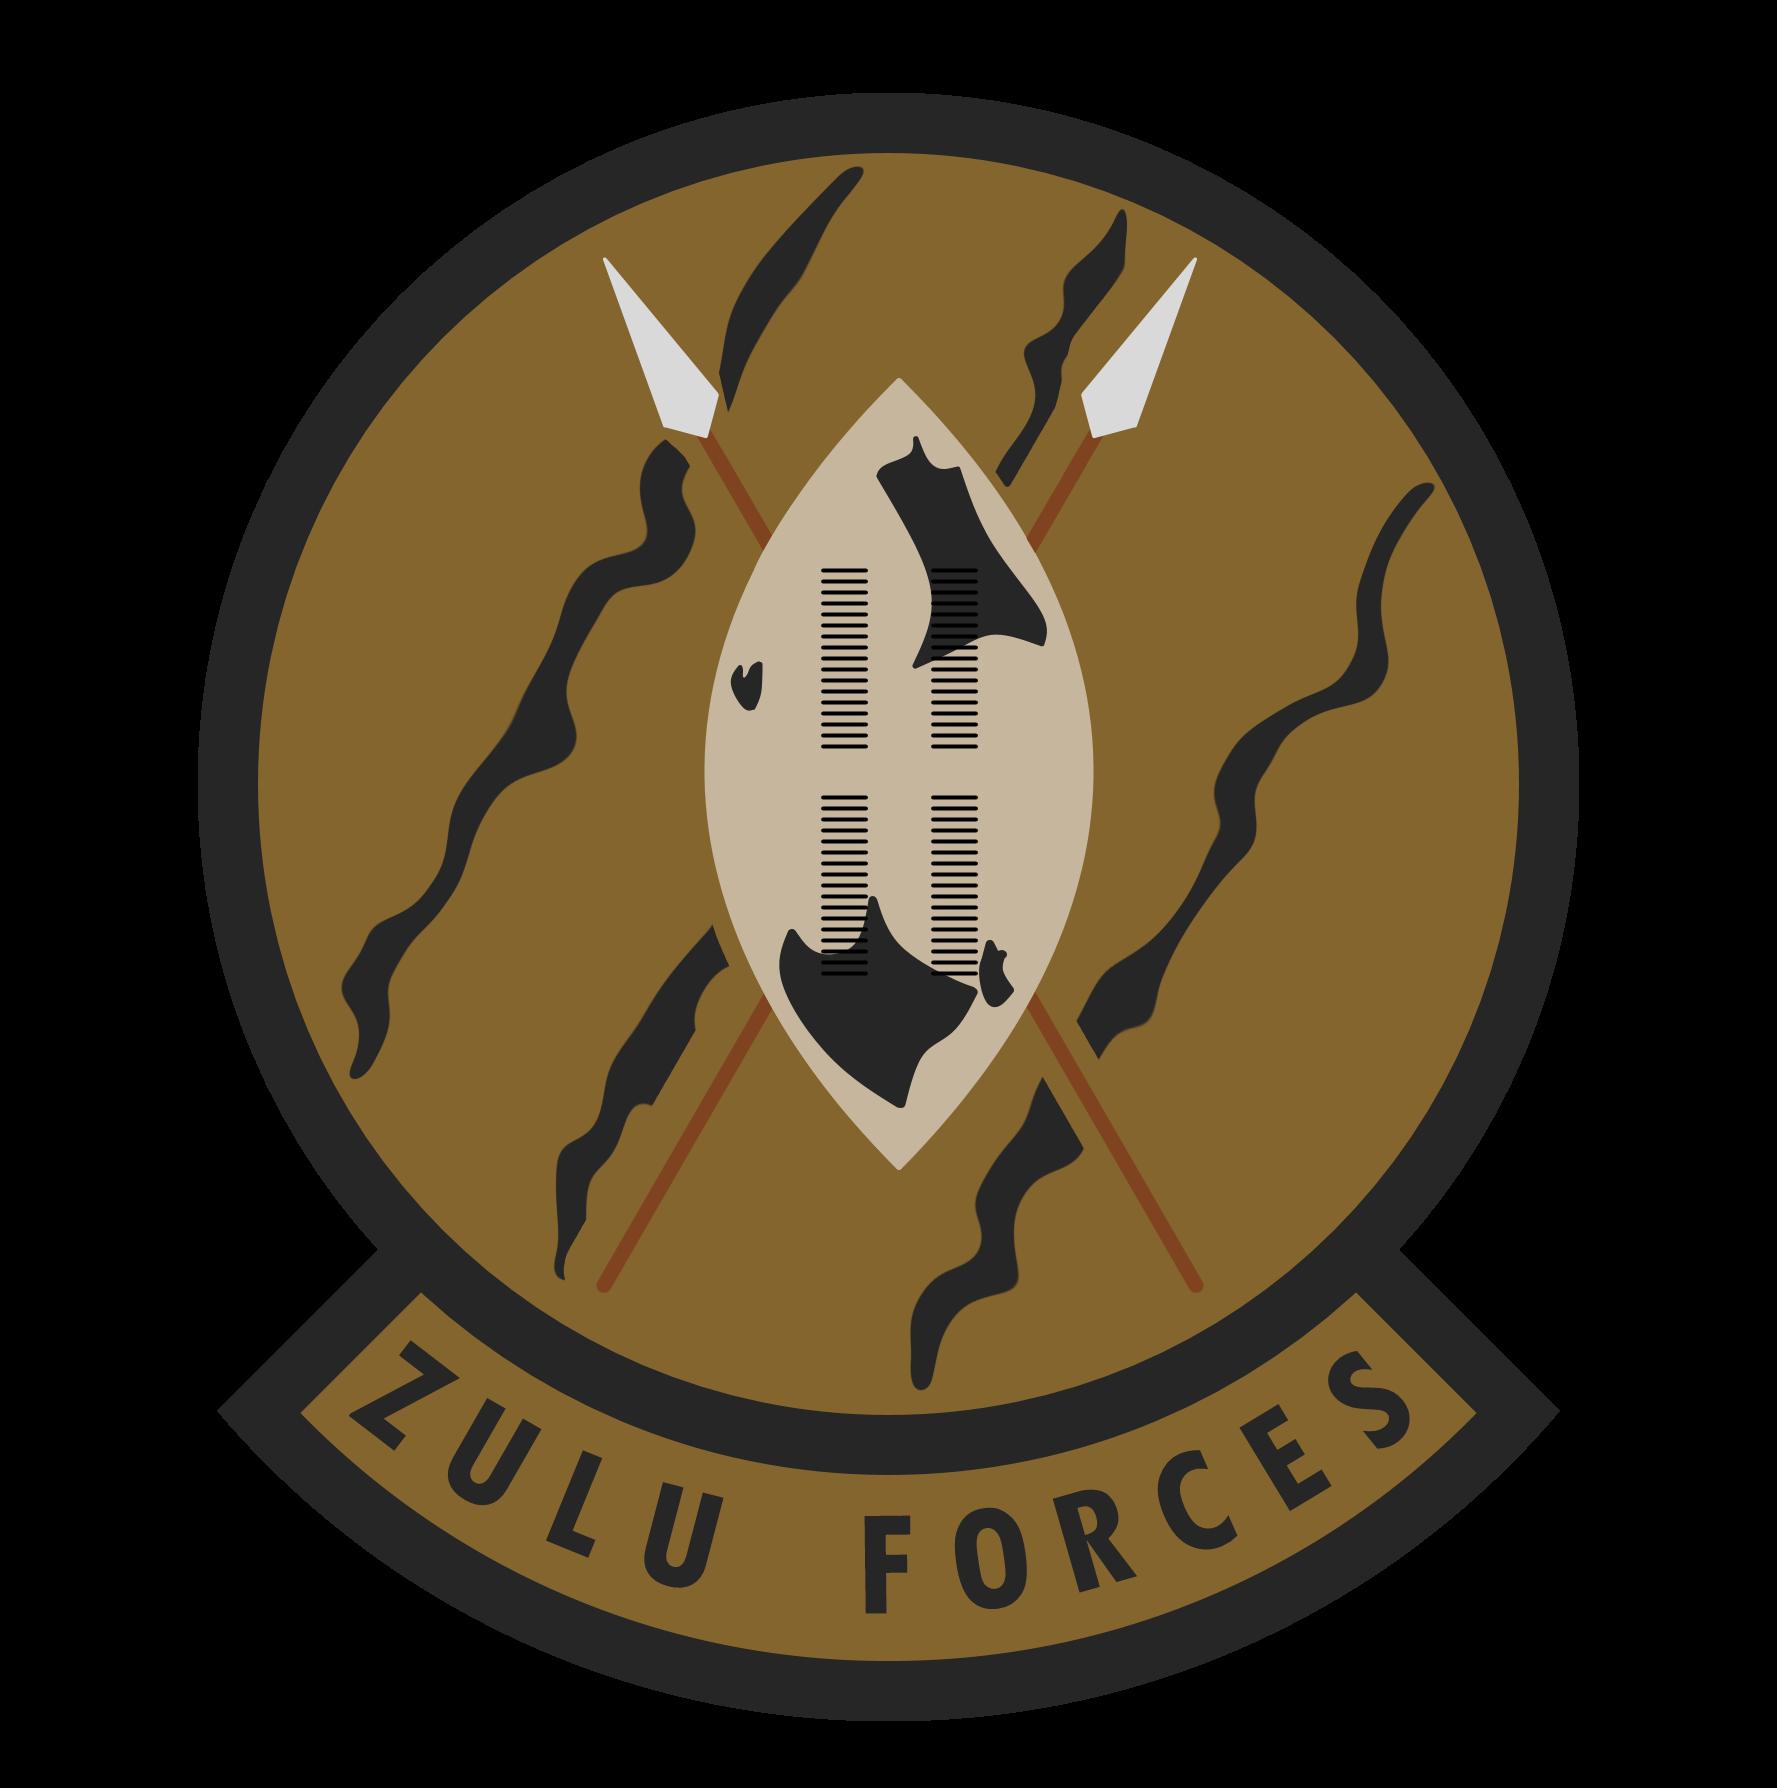 AFRICOM_Zulu_Forces.png